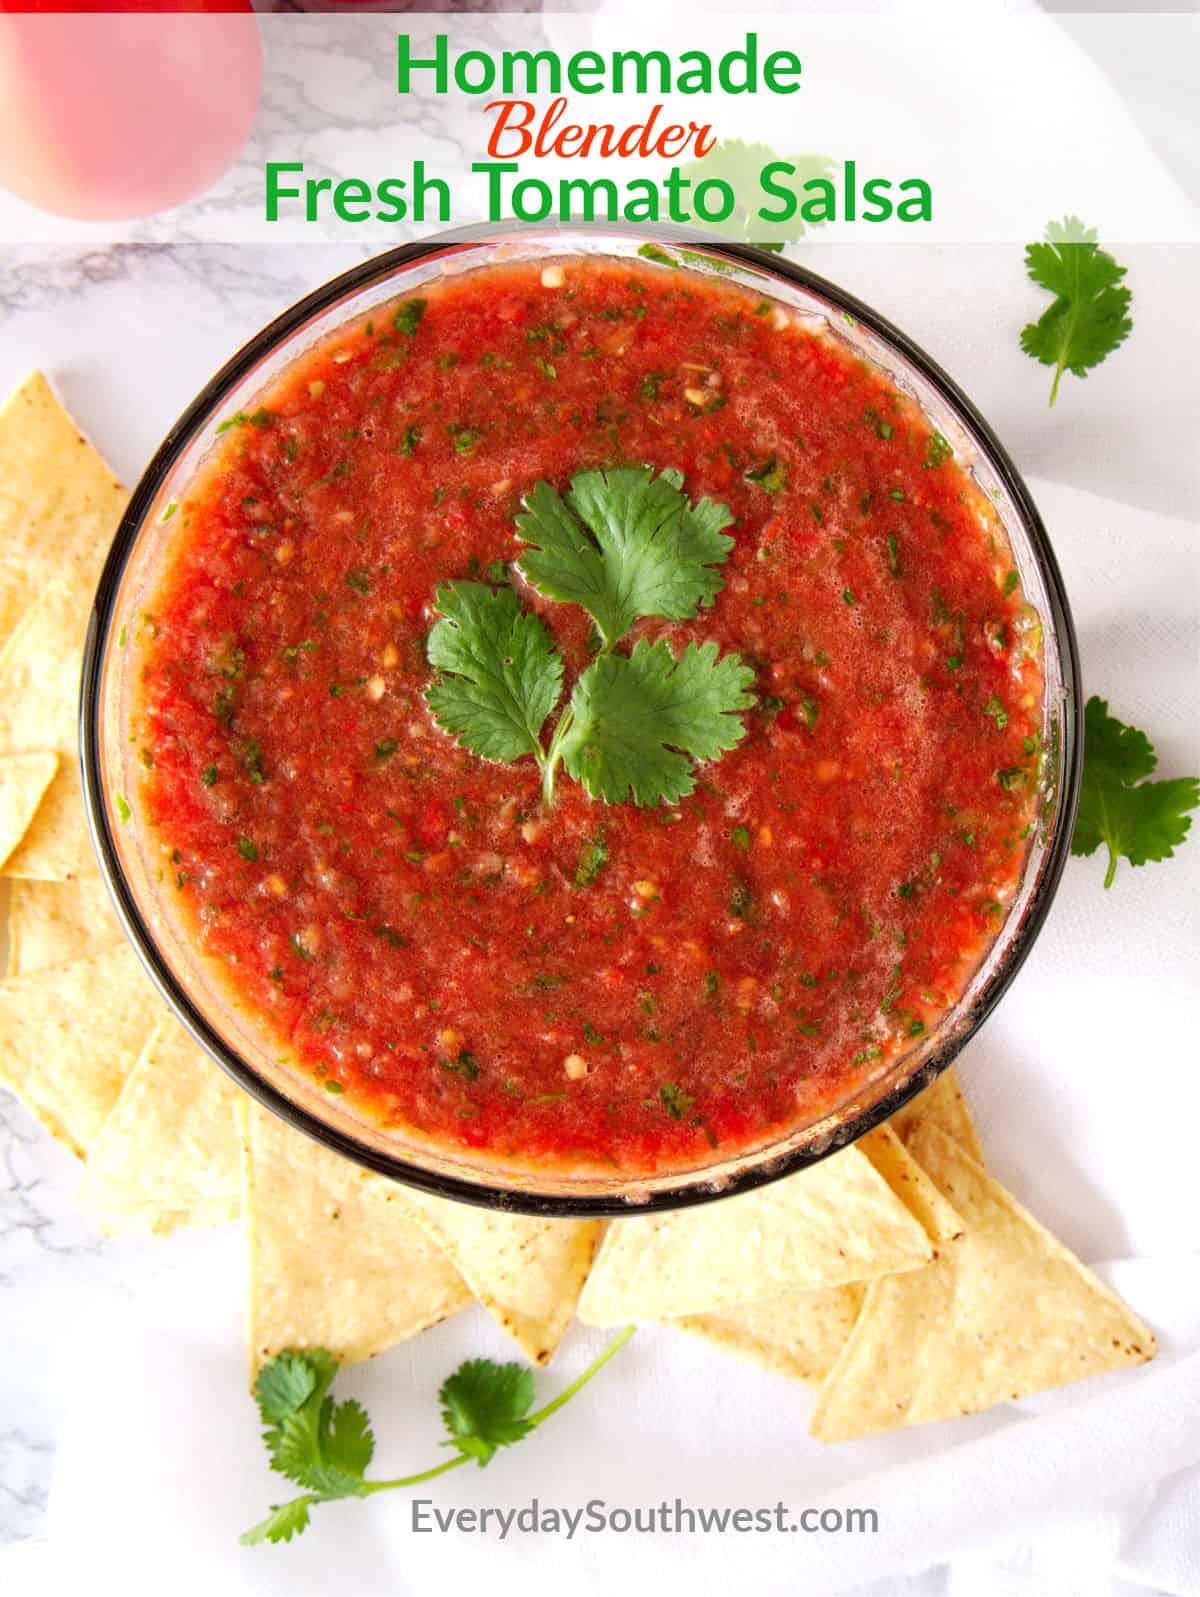 Homemade Fresh Tomato Salsa in Your Blender